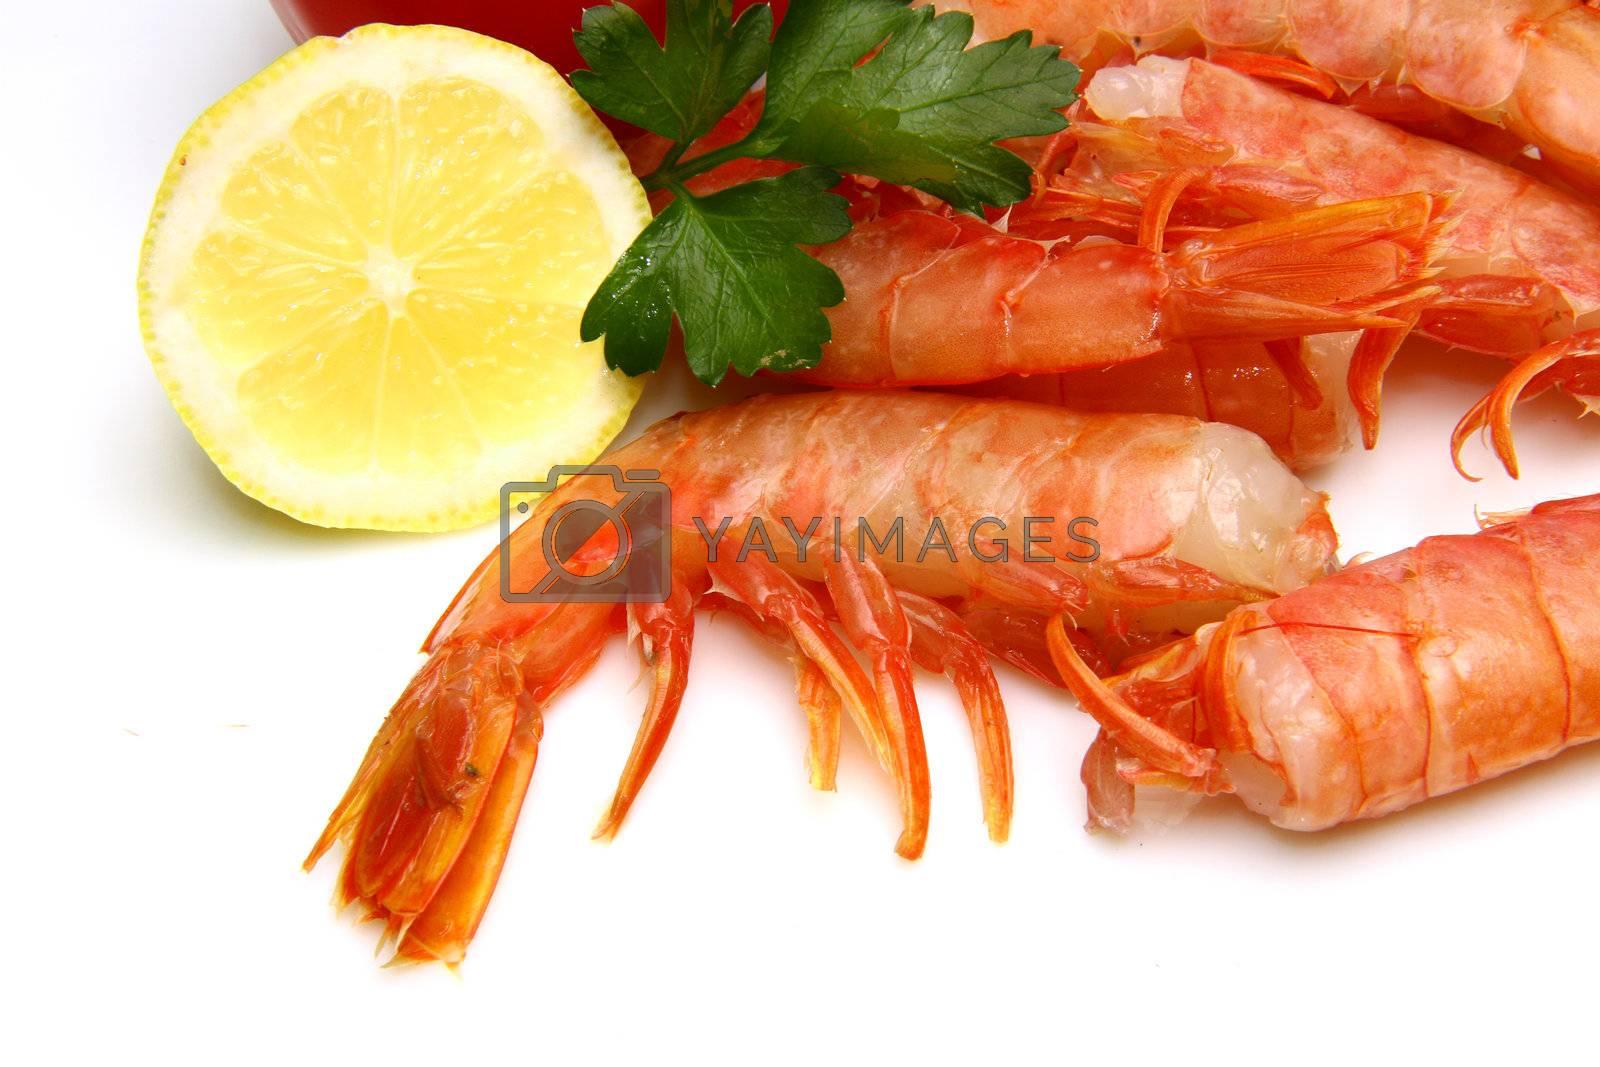 fresh shrimp withlemon slice